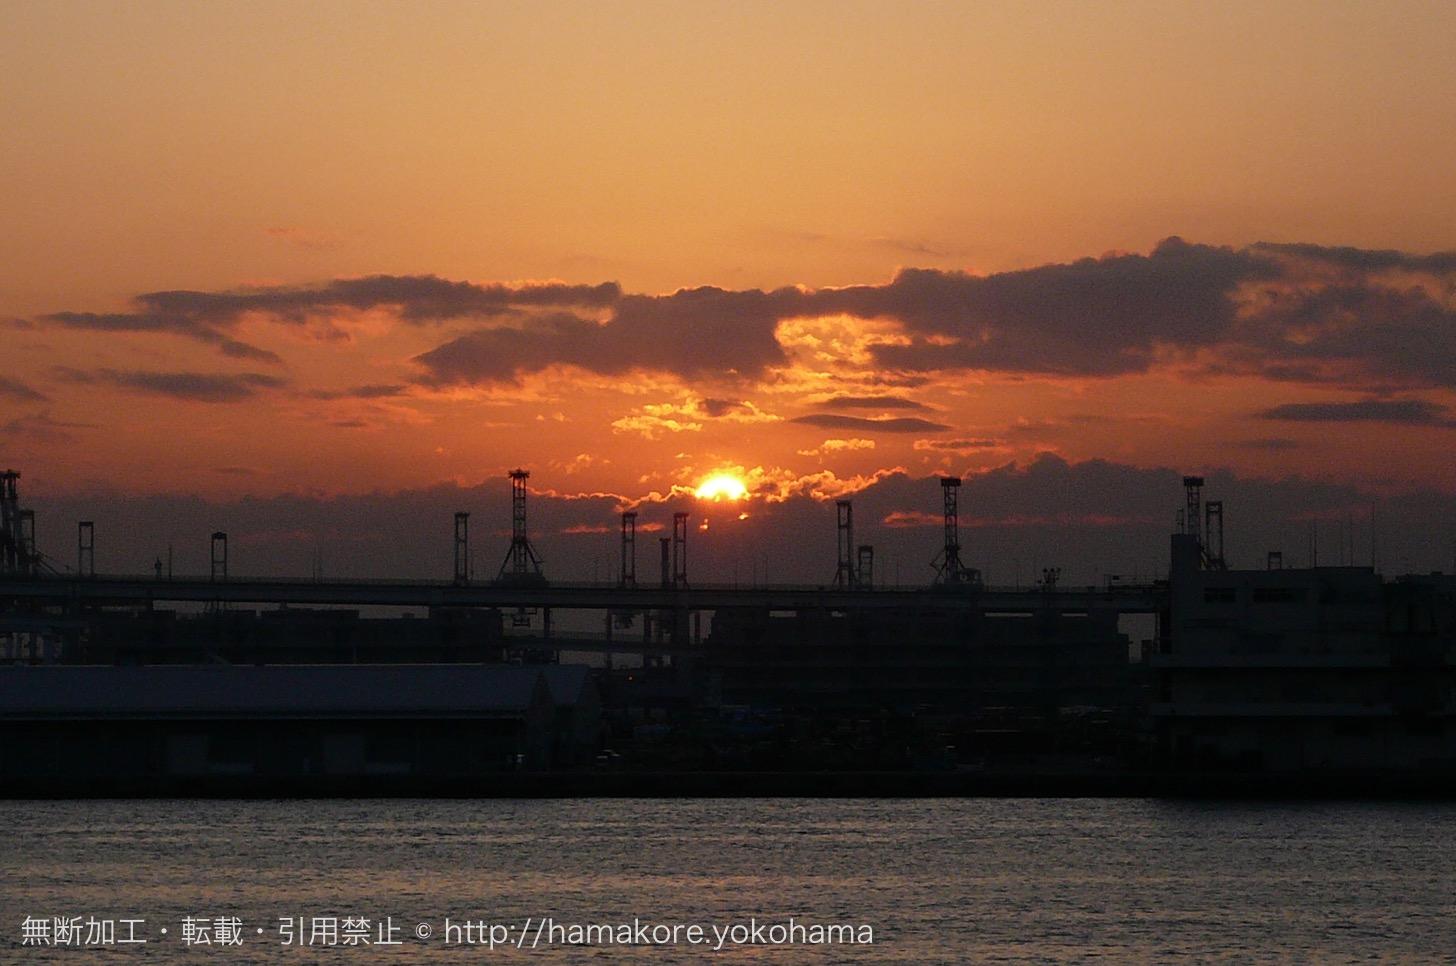 2018年 横浜駅・みなとみらい周辺 正月1月1日・新年から営業しているショッピングモール一覧